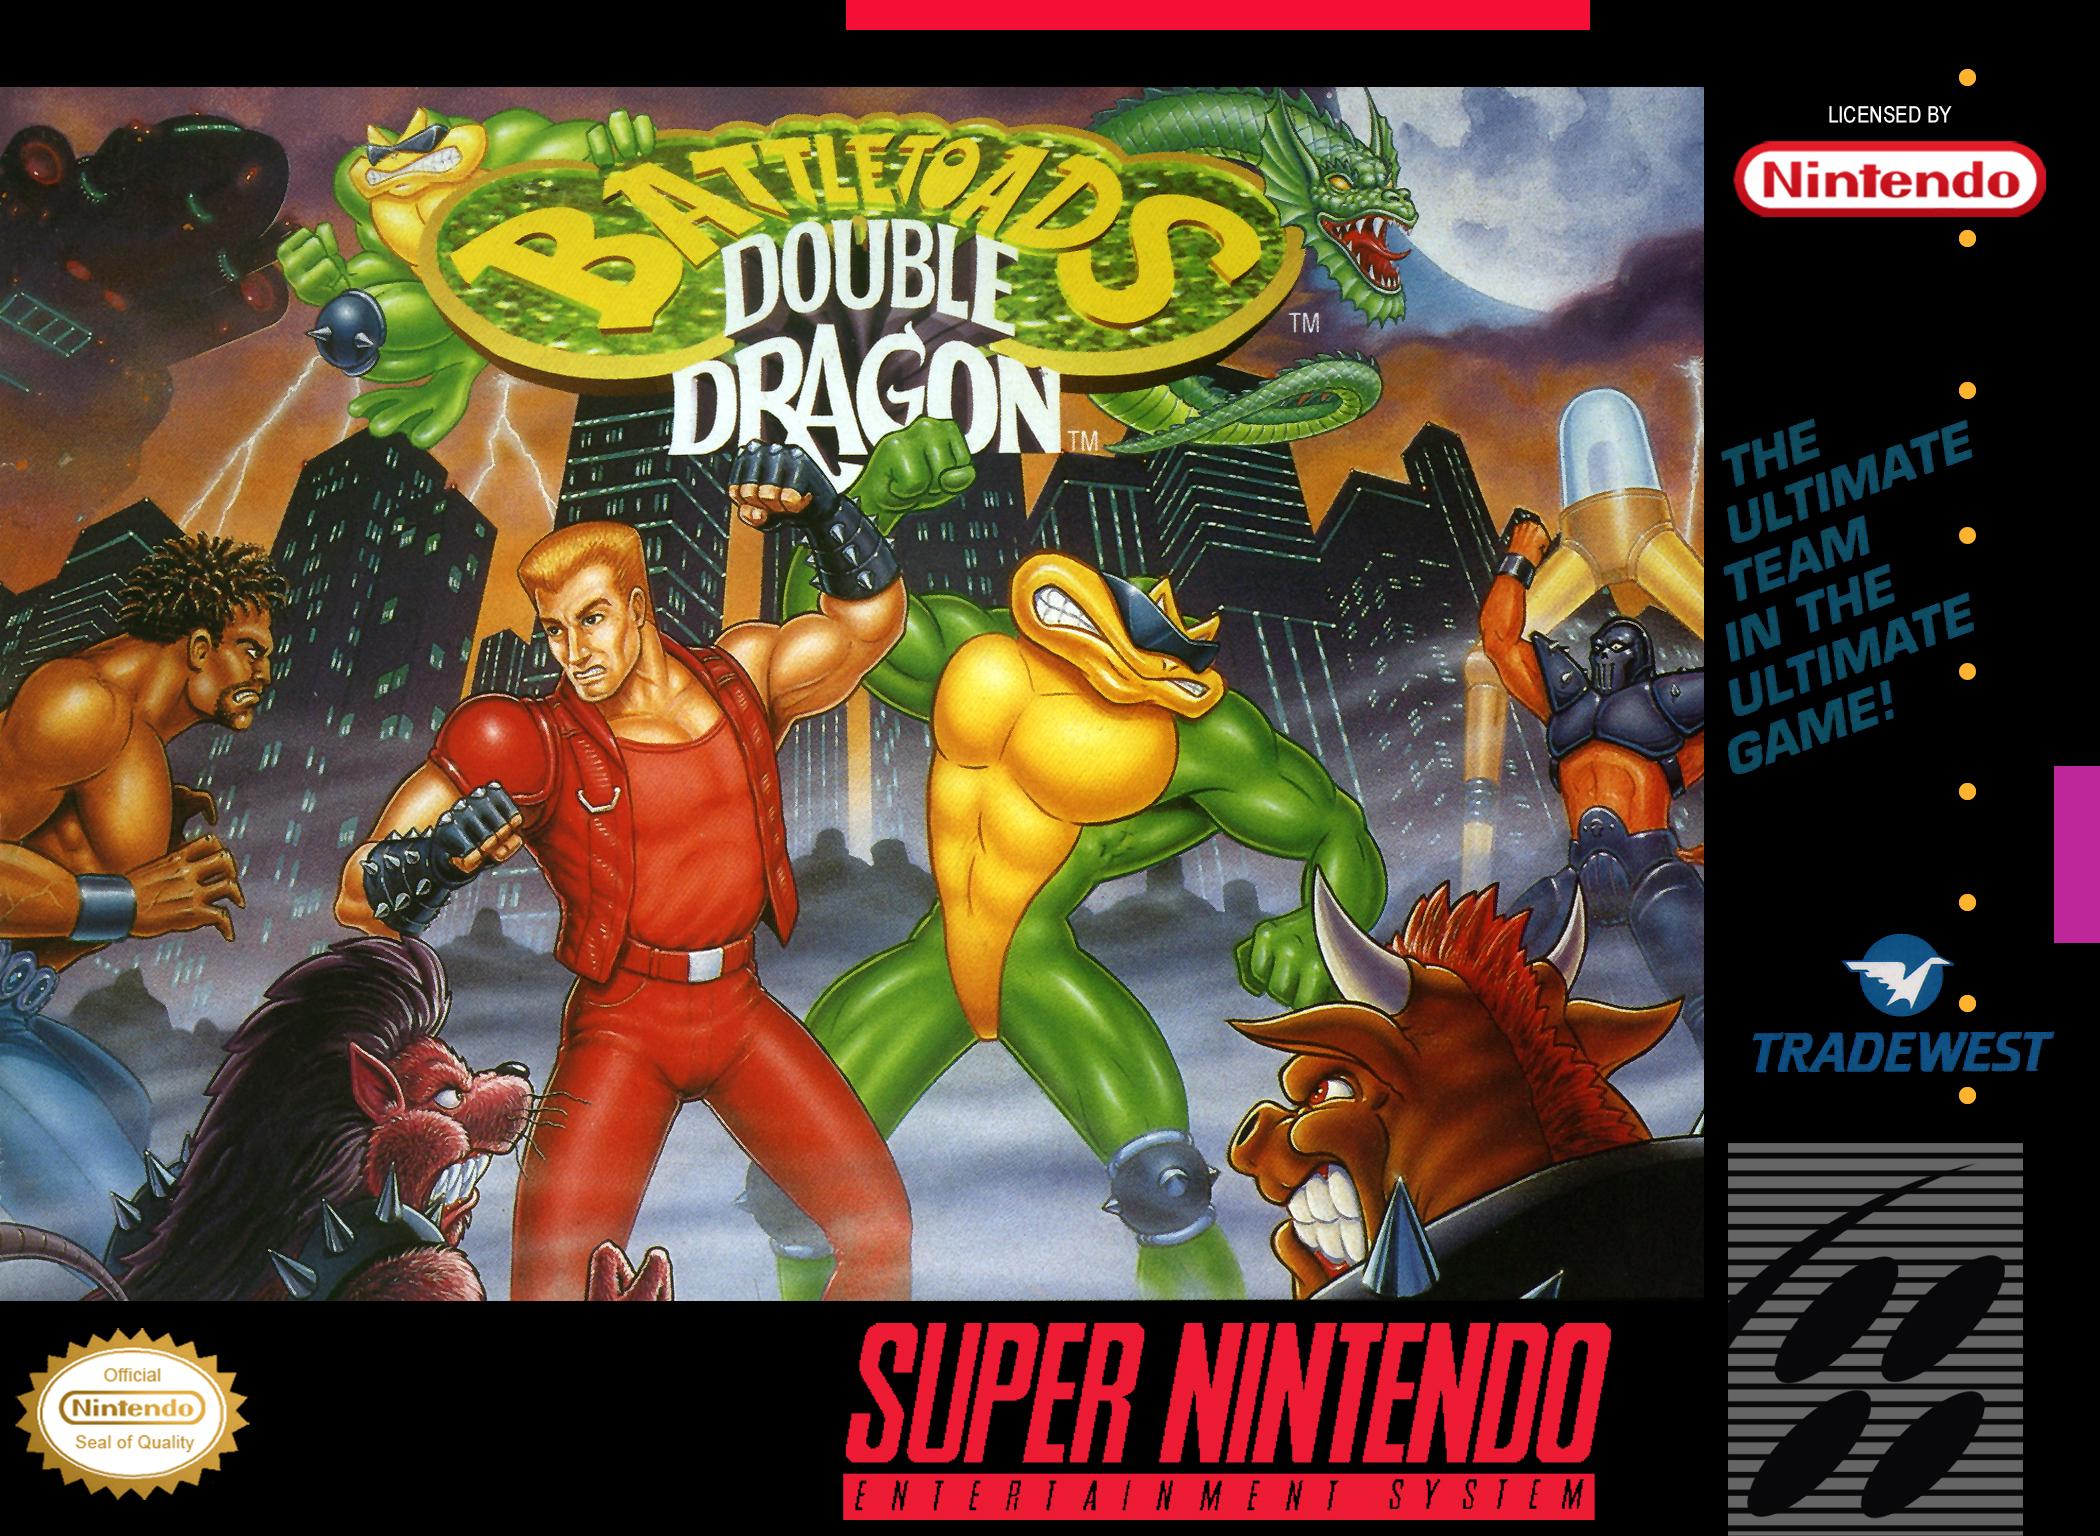 Battletoads Double Dragon Double Dragon Wiki Fandom